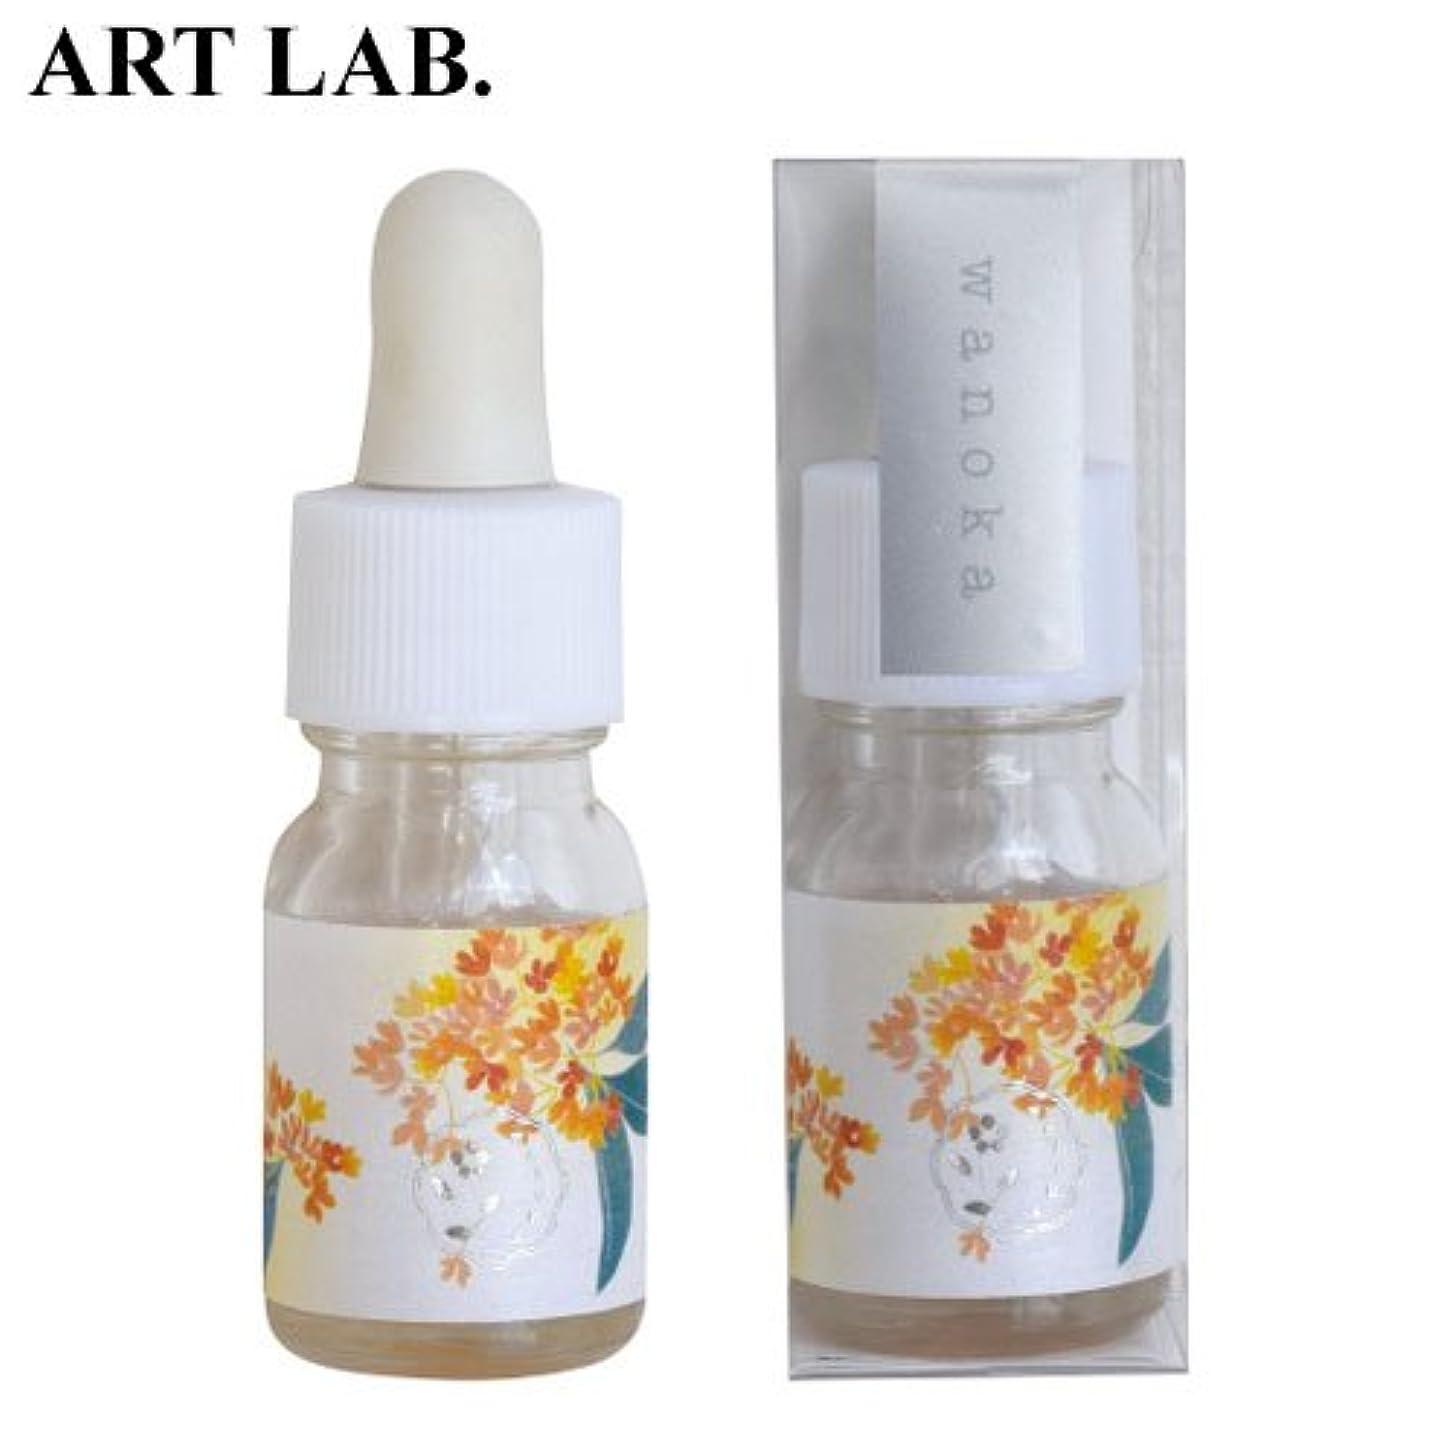 氏よろめくストラトフォードオンエイボンwanoka香油アロマオイル金木犀《果実のような甘い香り》ART LABAromatic oil